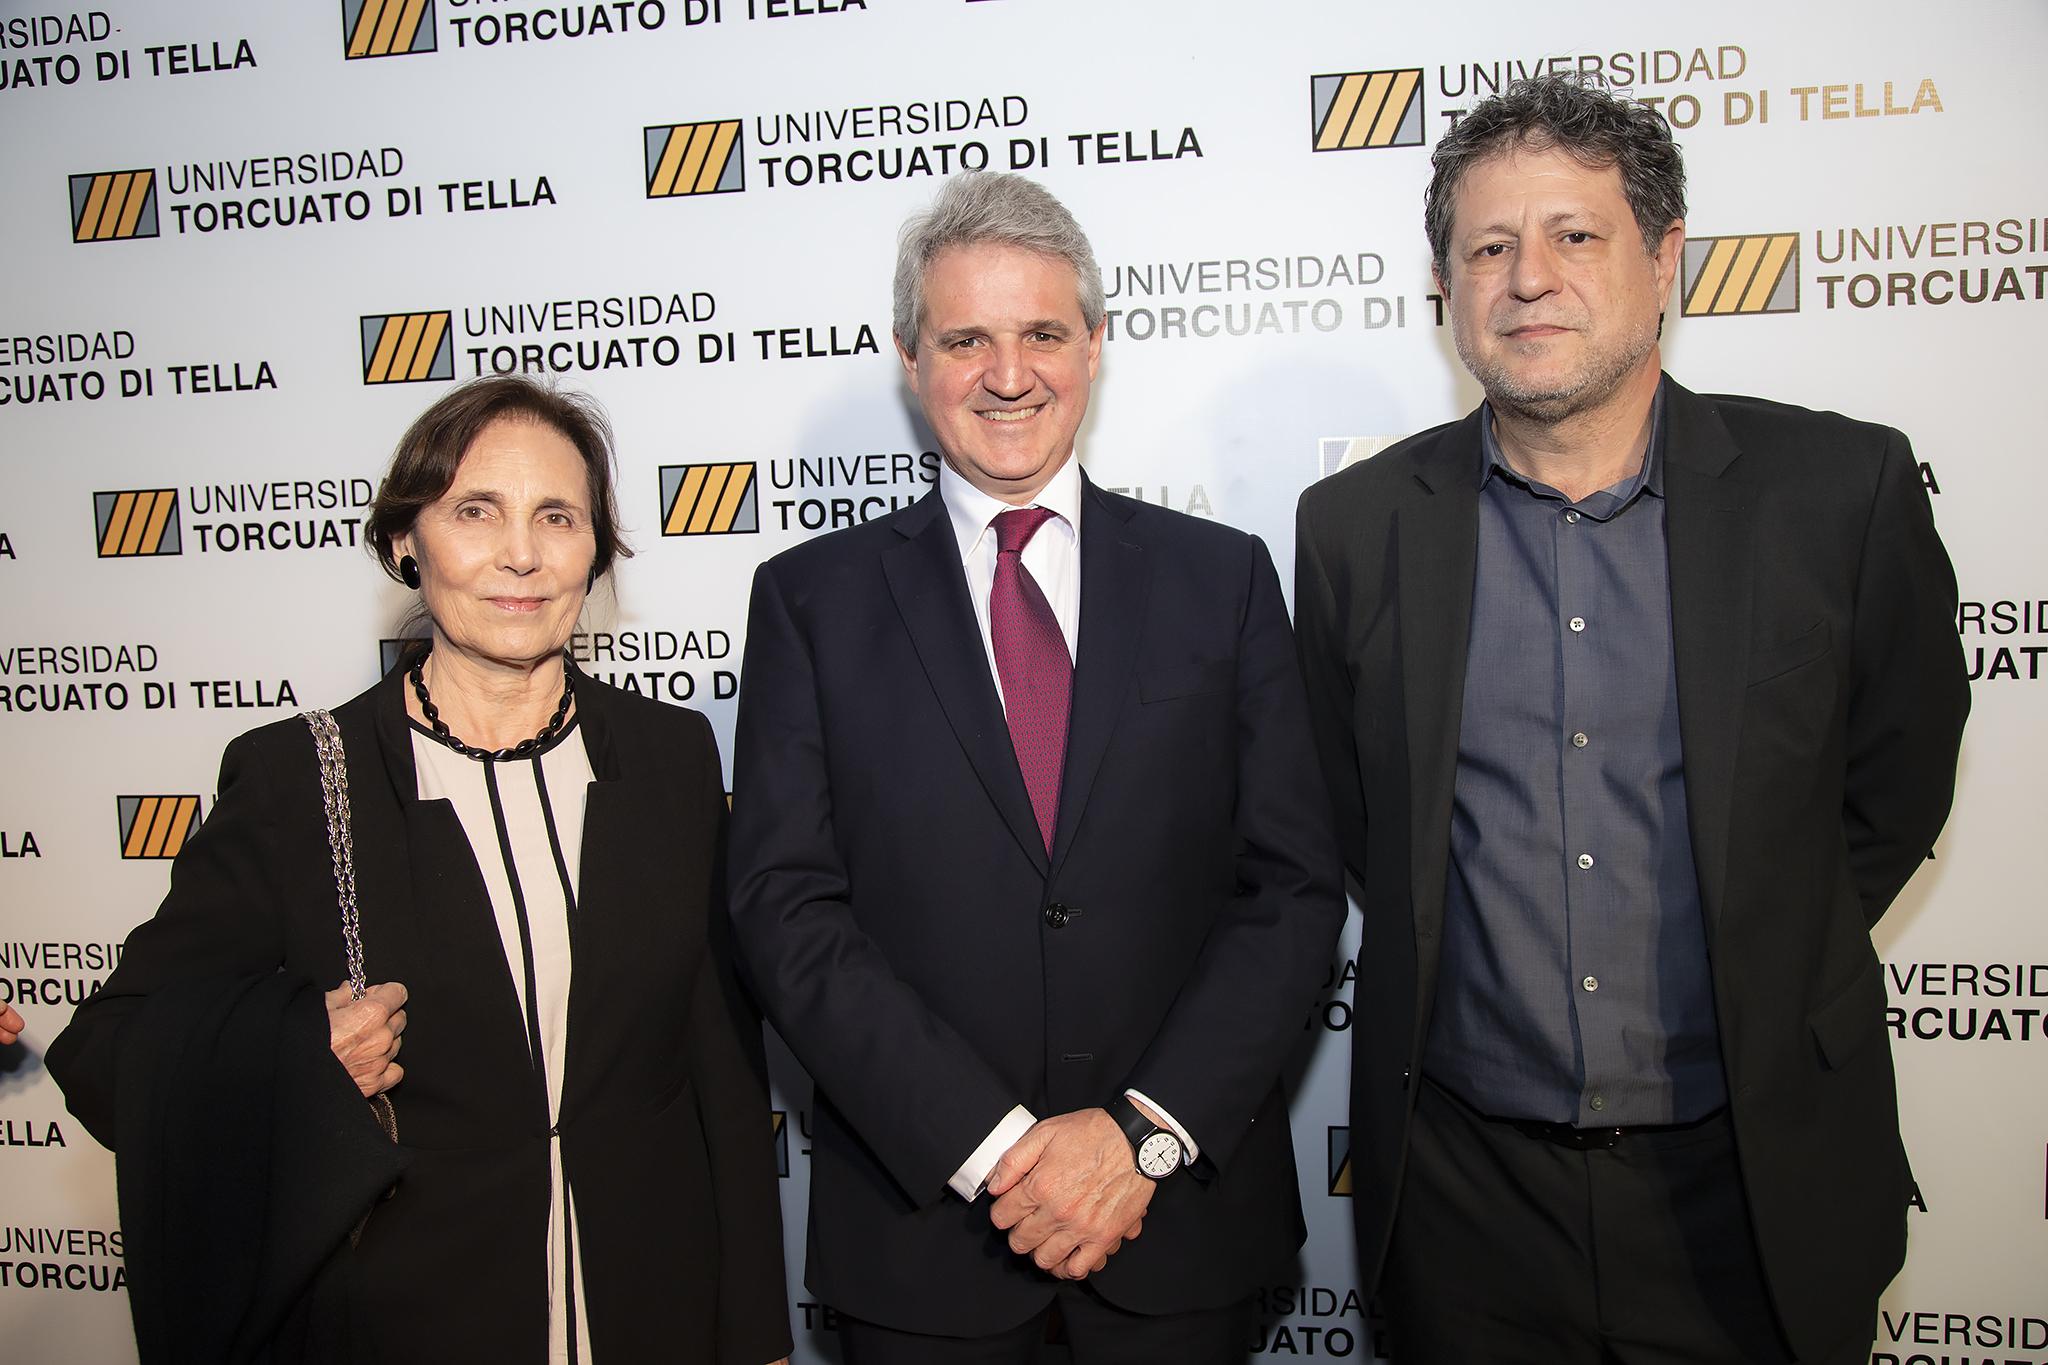 Elena Maza de Catena, Juan José Cruces y Eduardo Levy Yeyati